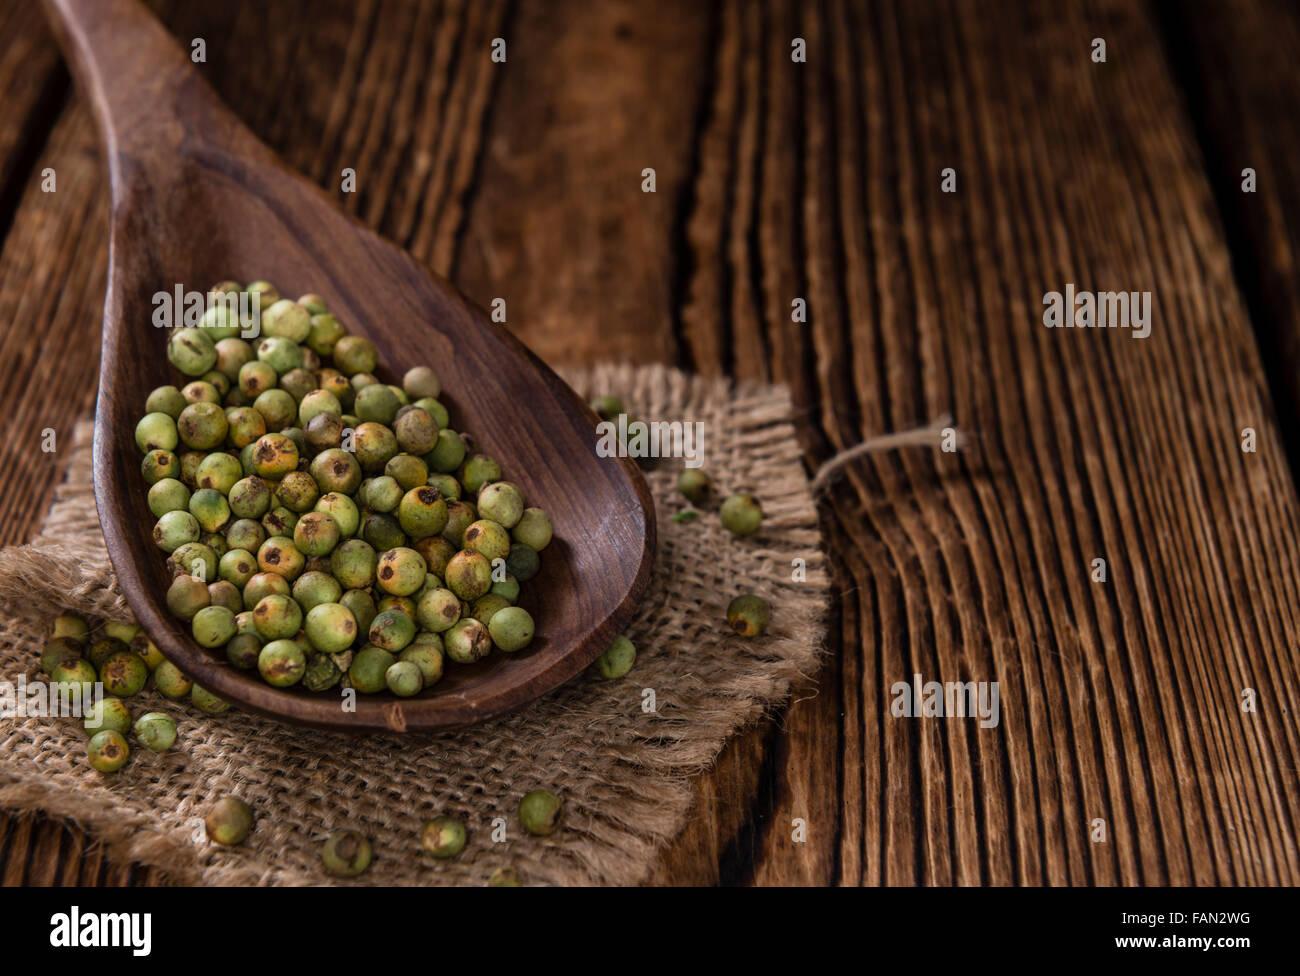 Pfefferkörner (grün) als detaillierte Nahaufnahme Schuss auf Vintage Holz-Hintergrund Stockbild